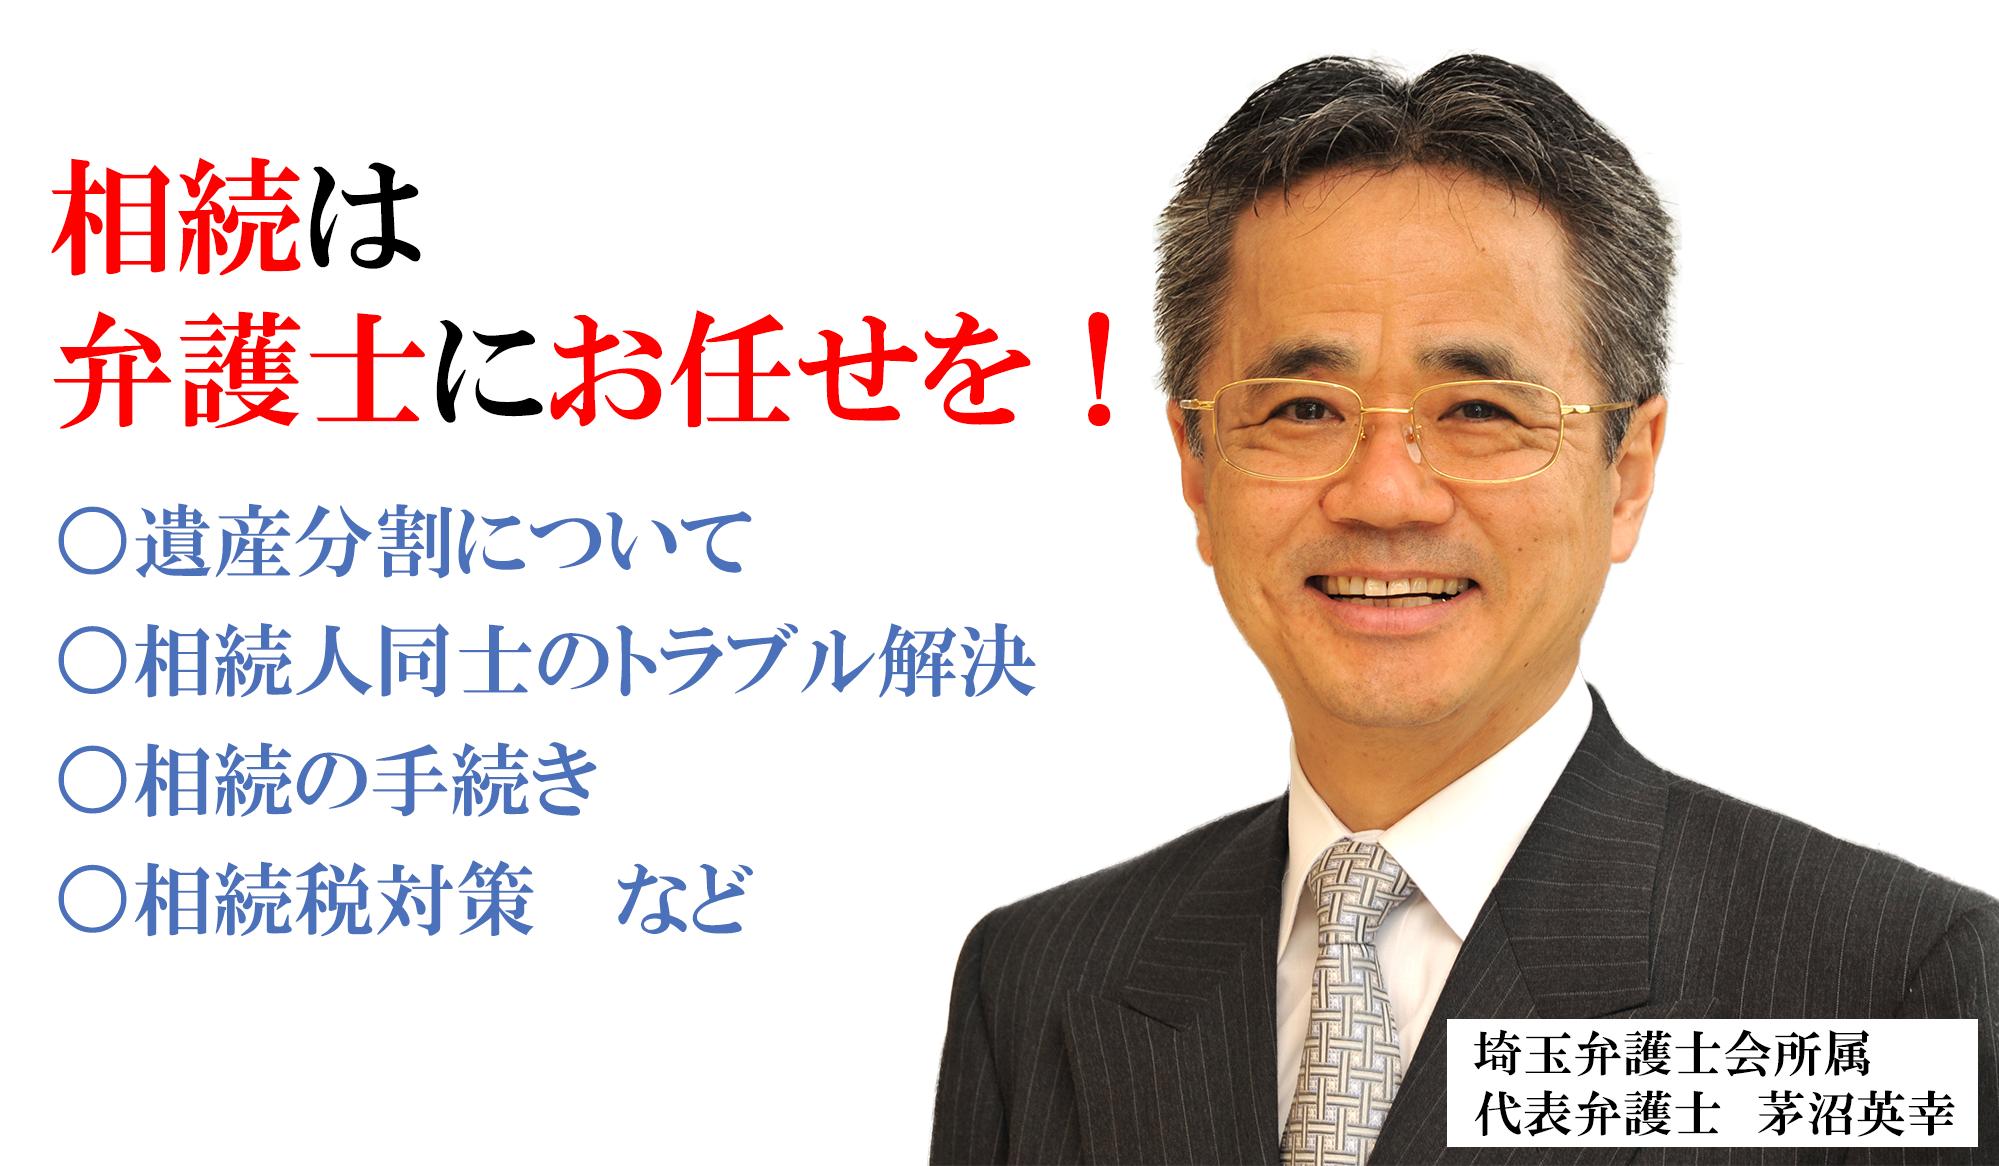 埼玉県越谷市周辺での相続ならエクレシアの弁護士にお任せを!!